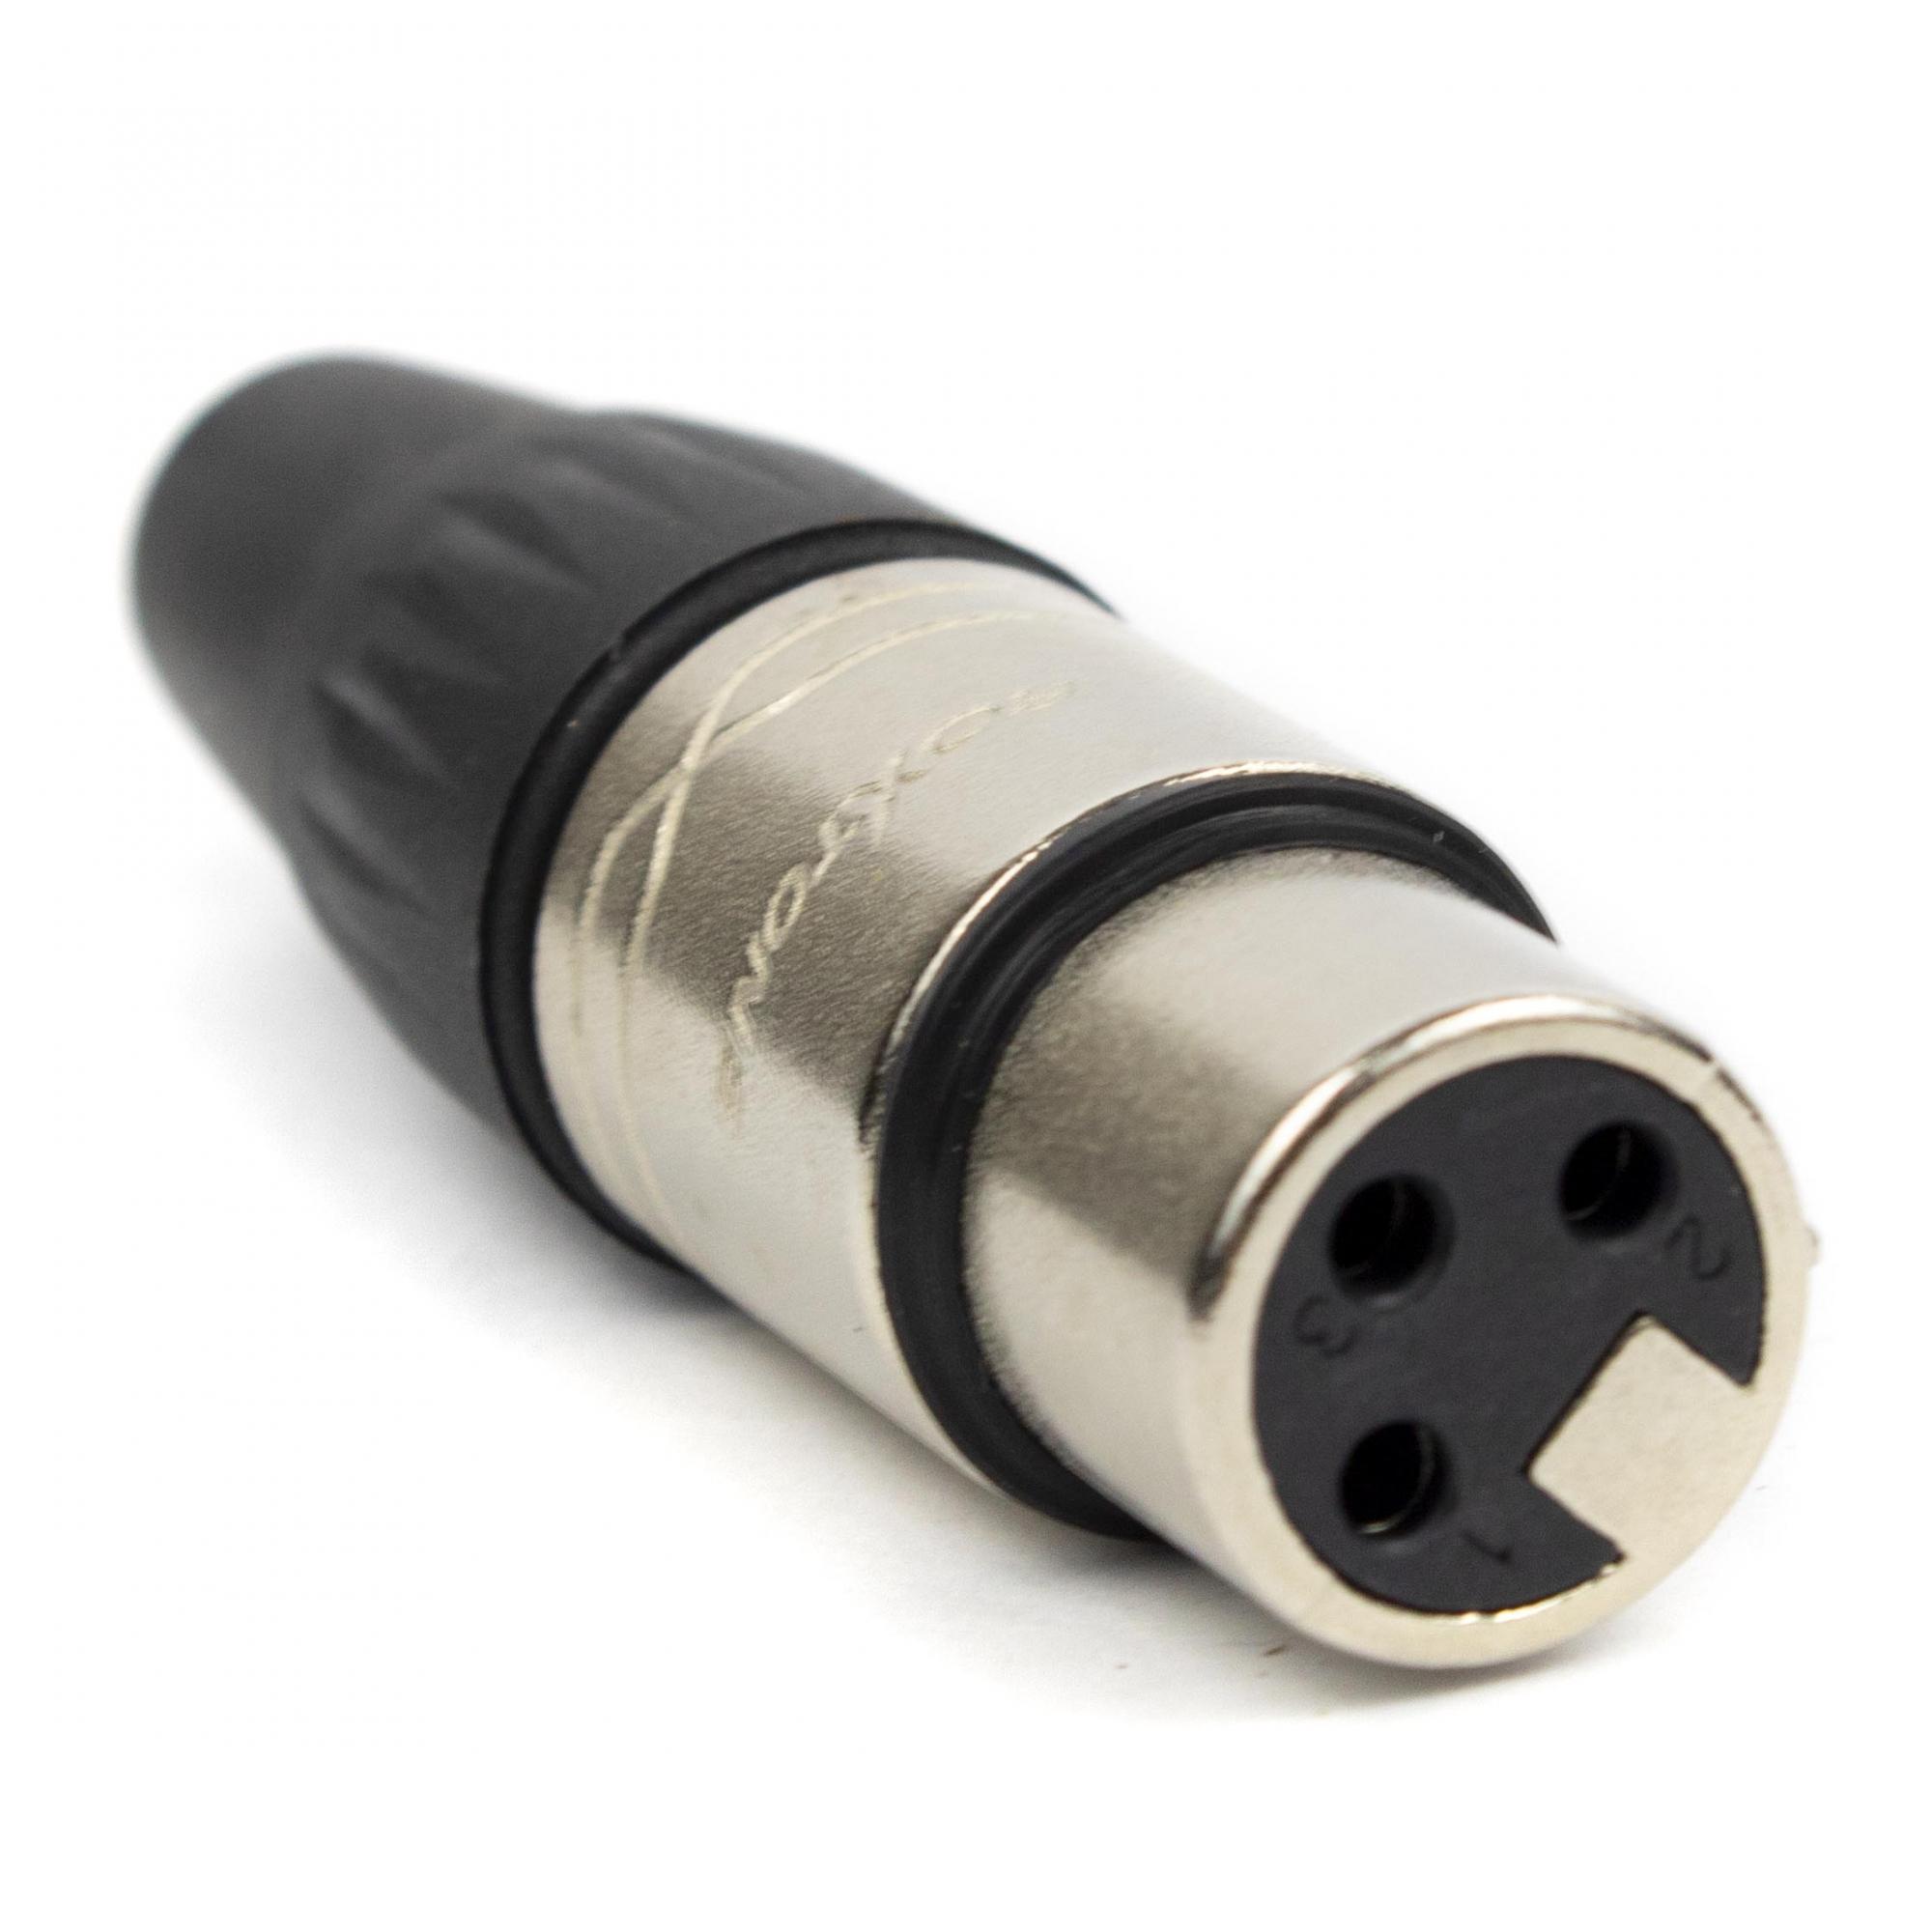 Kit 10 Conectores XLR Macho/Femea Roxtone